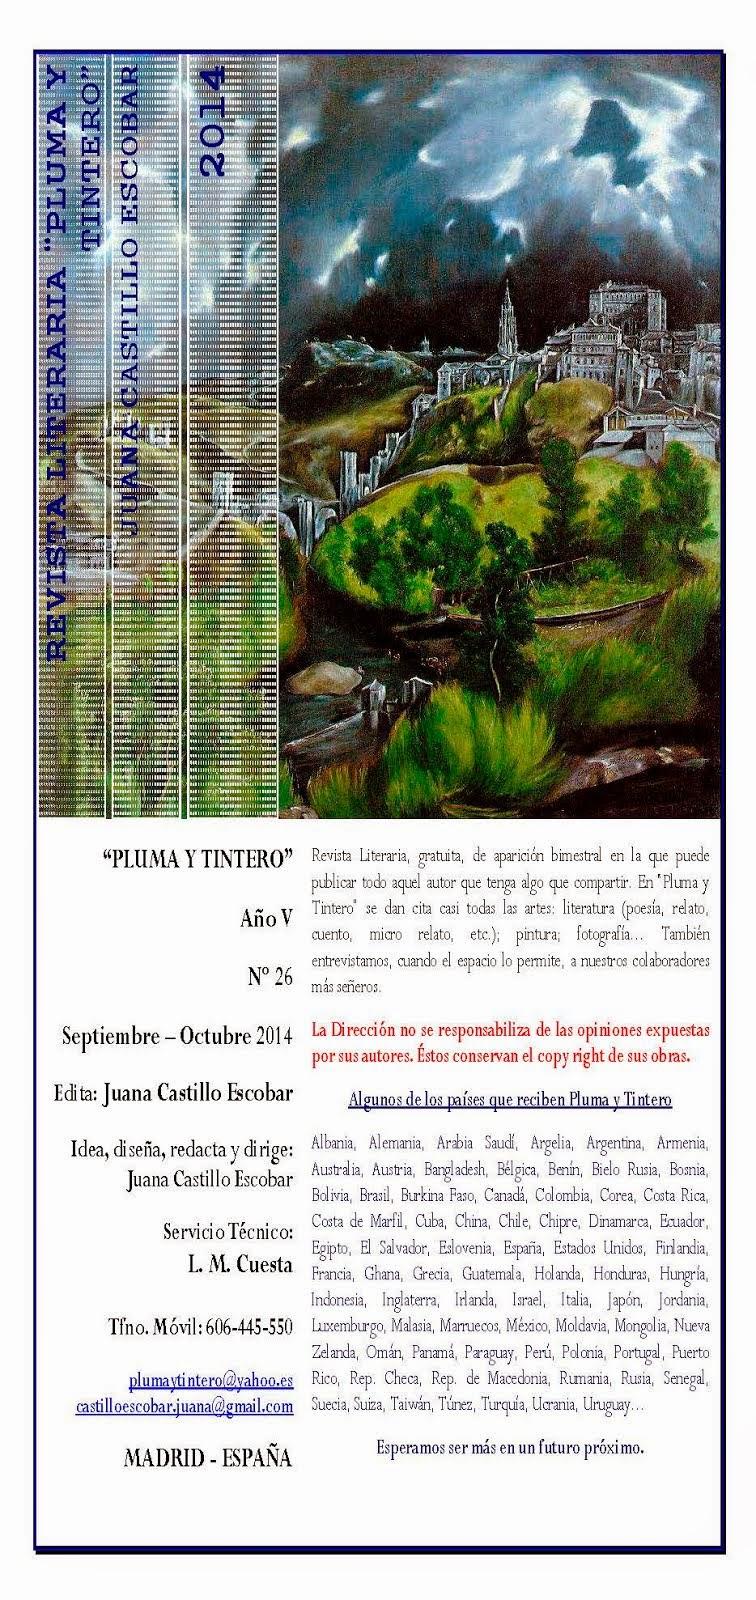 Nº 26 - Año V - Septiembre-Octubre 2014